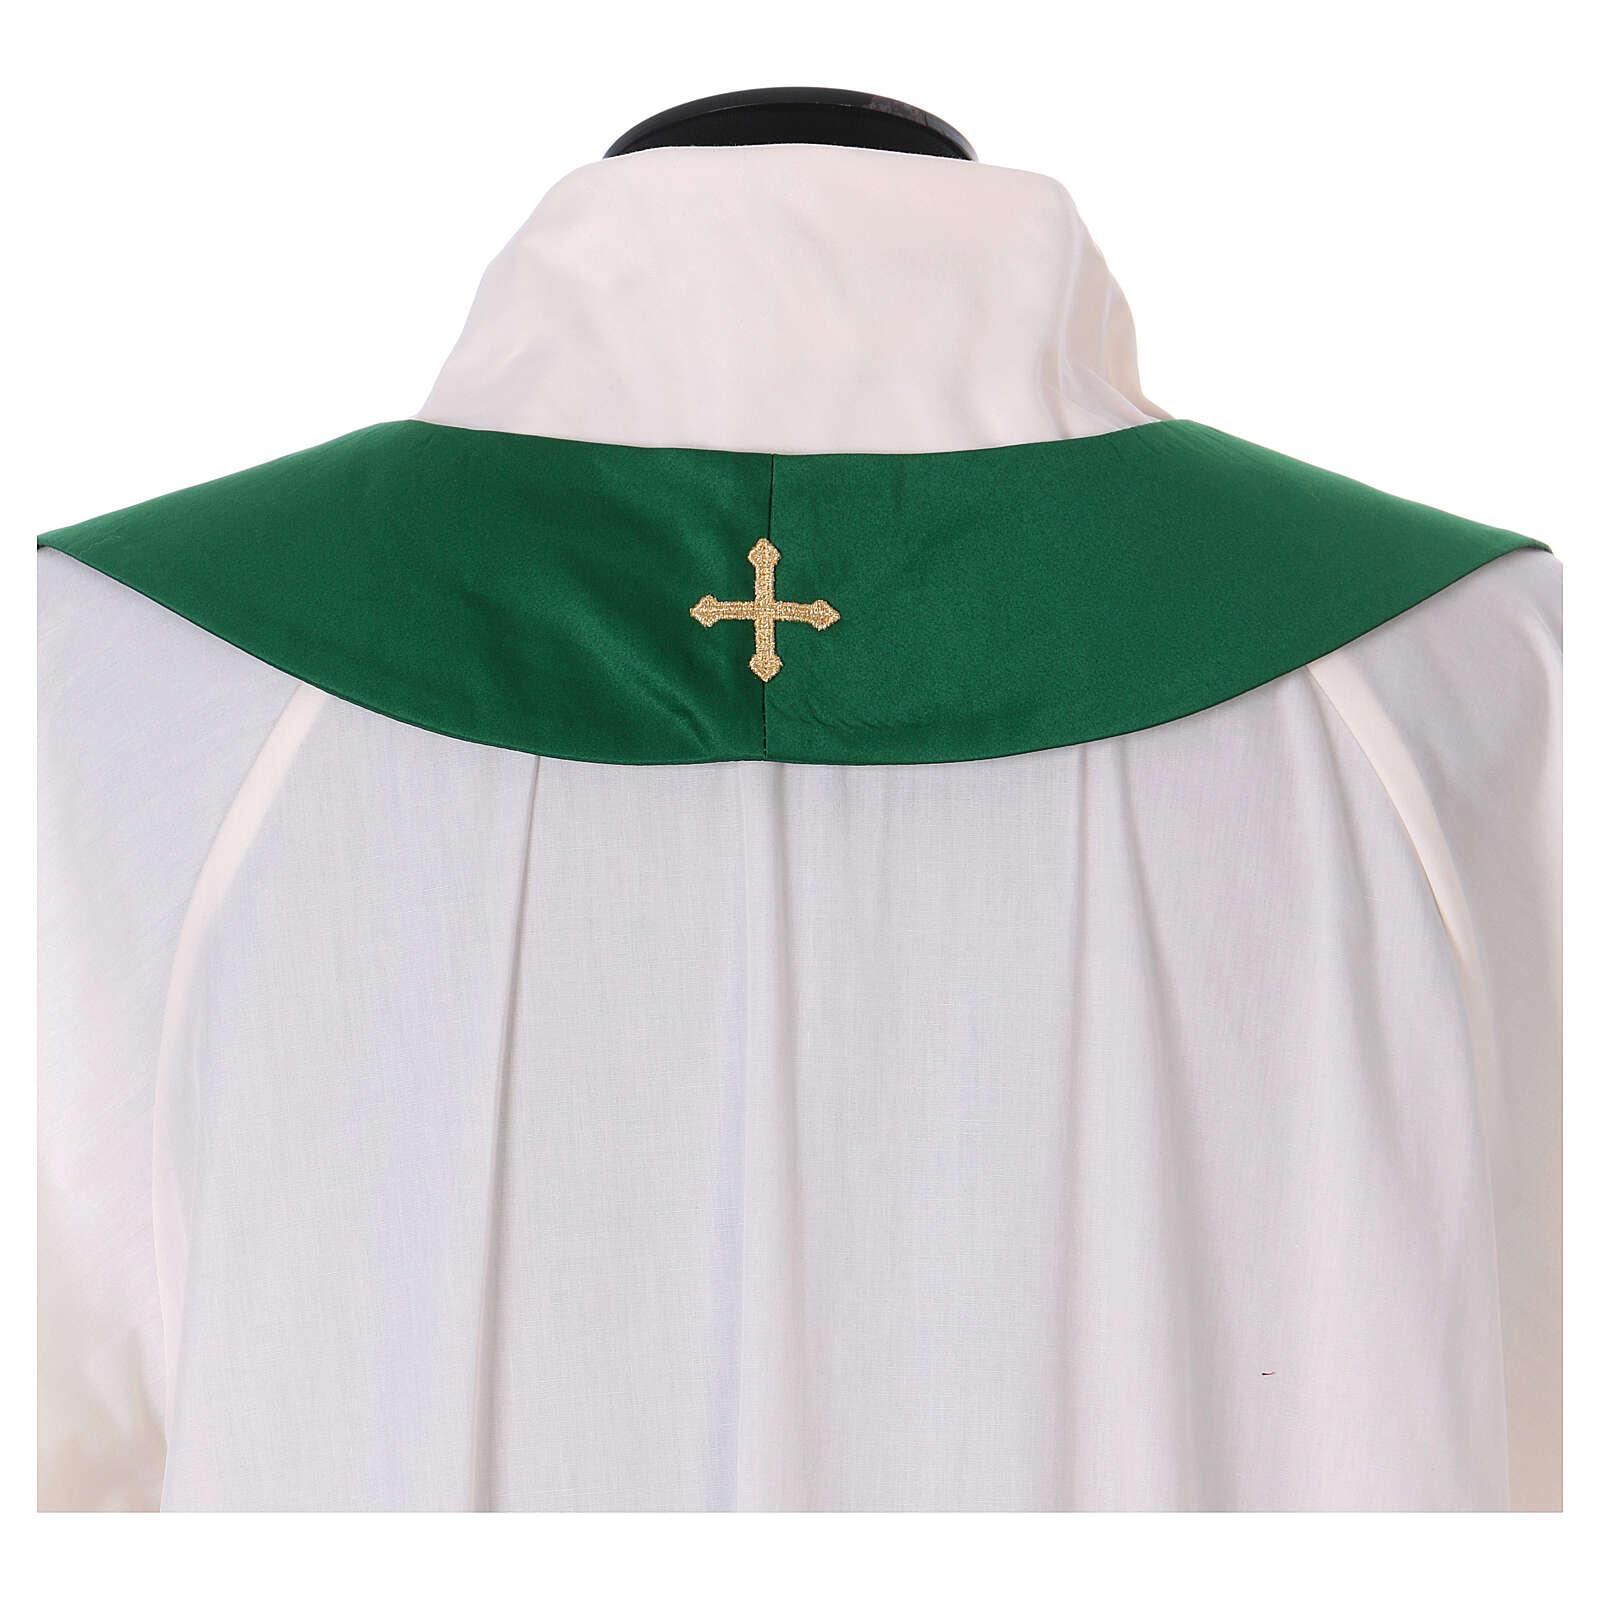 Casula poliestere e decorazione croce e pietre Limited Edition 4